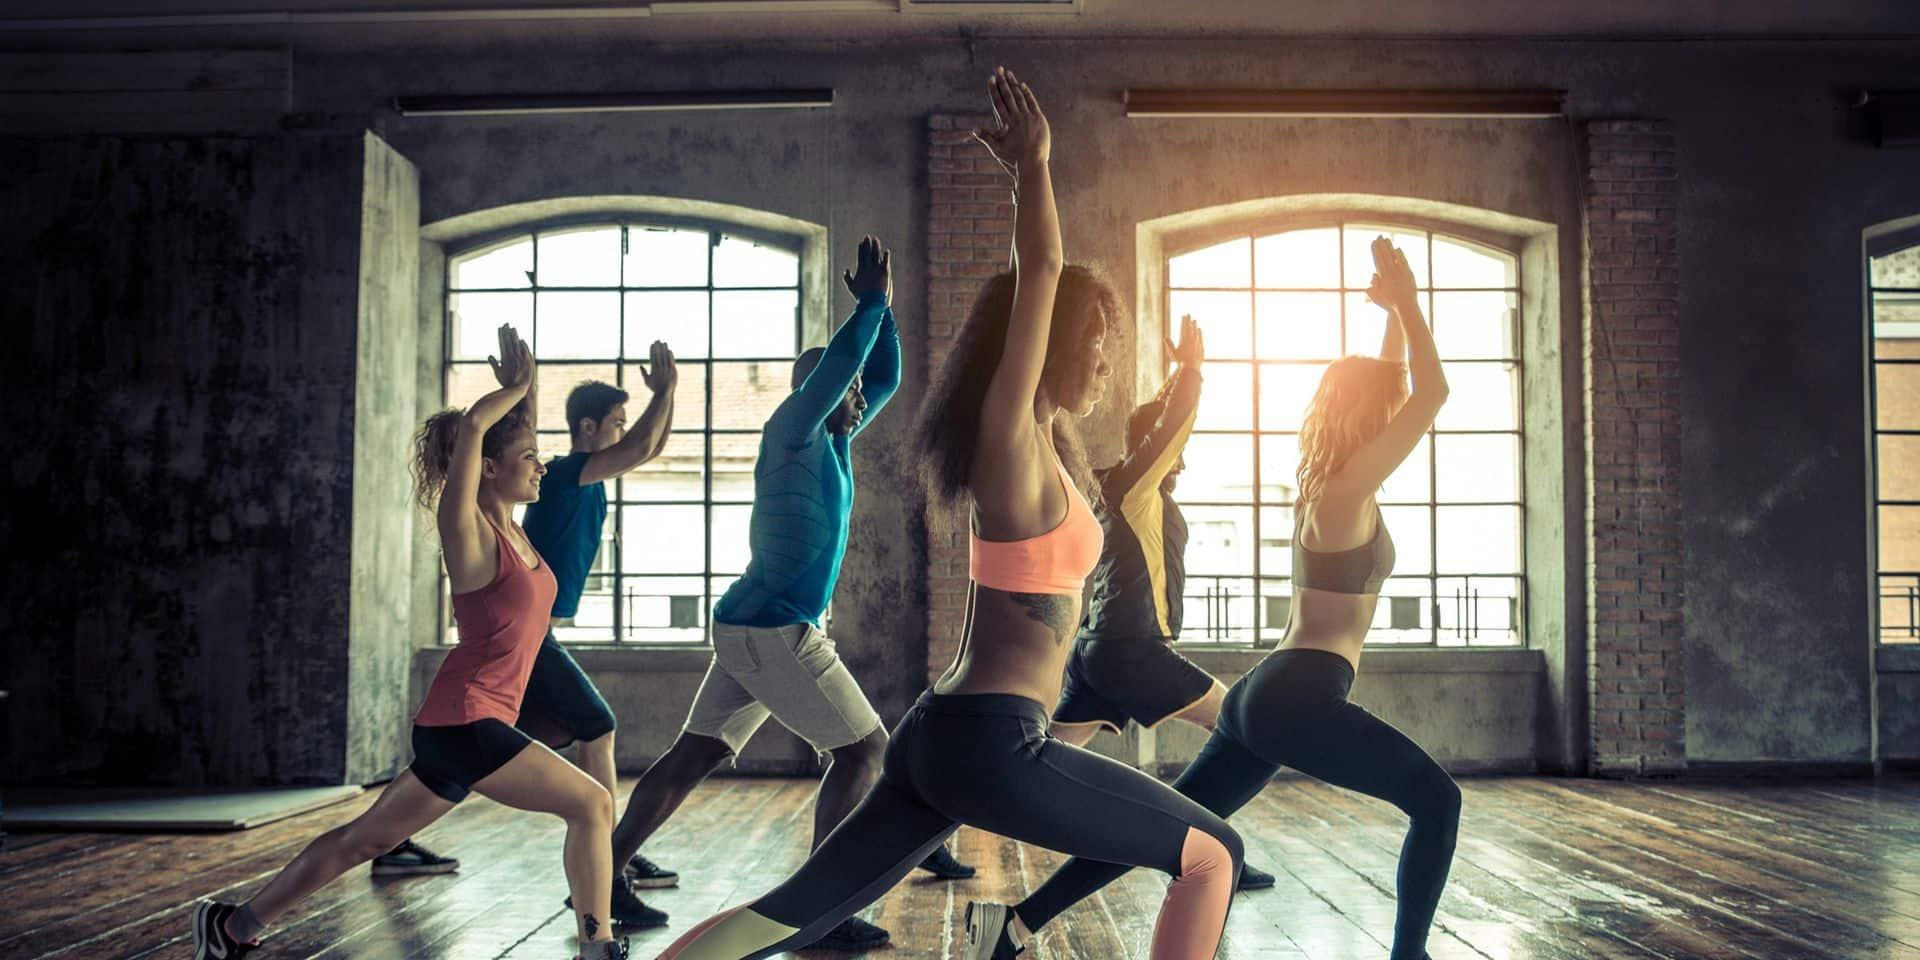 Il faudra aussi renseigner ses coordonnées pour un cours de sport ou un rendez-vous wellness